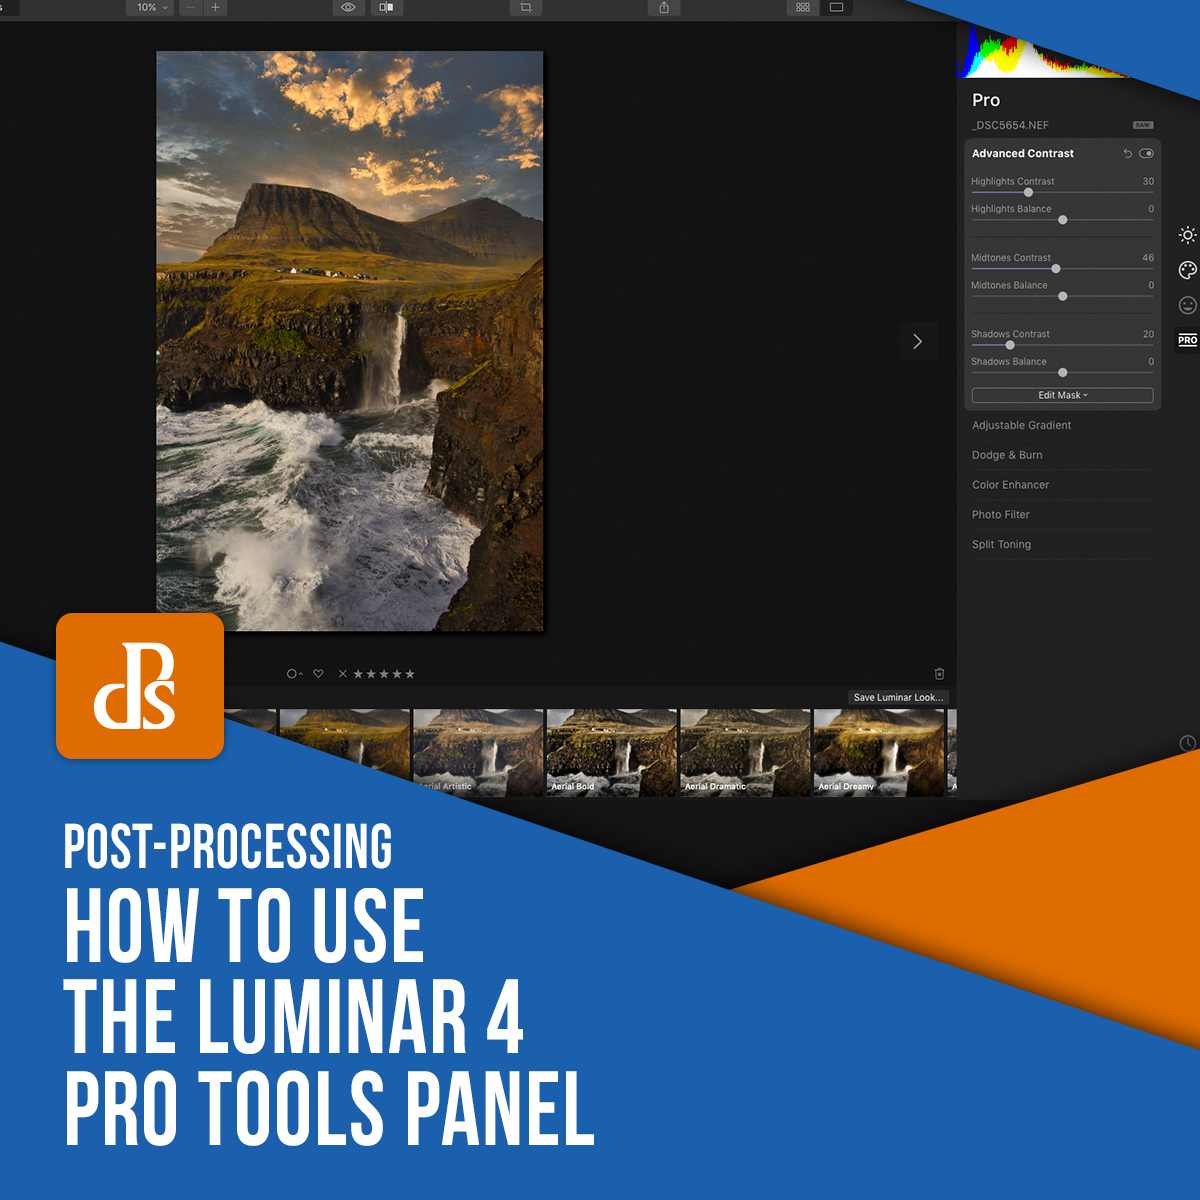 https://i1.wp.com/digital-photography-school.com/wp-content/uploads/2020/03/dps-luminar-4-pro-tools-panel.jpg?ssl=1